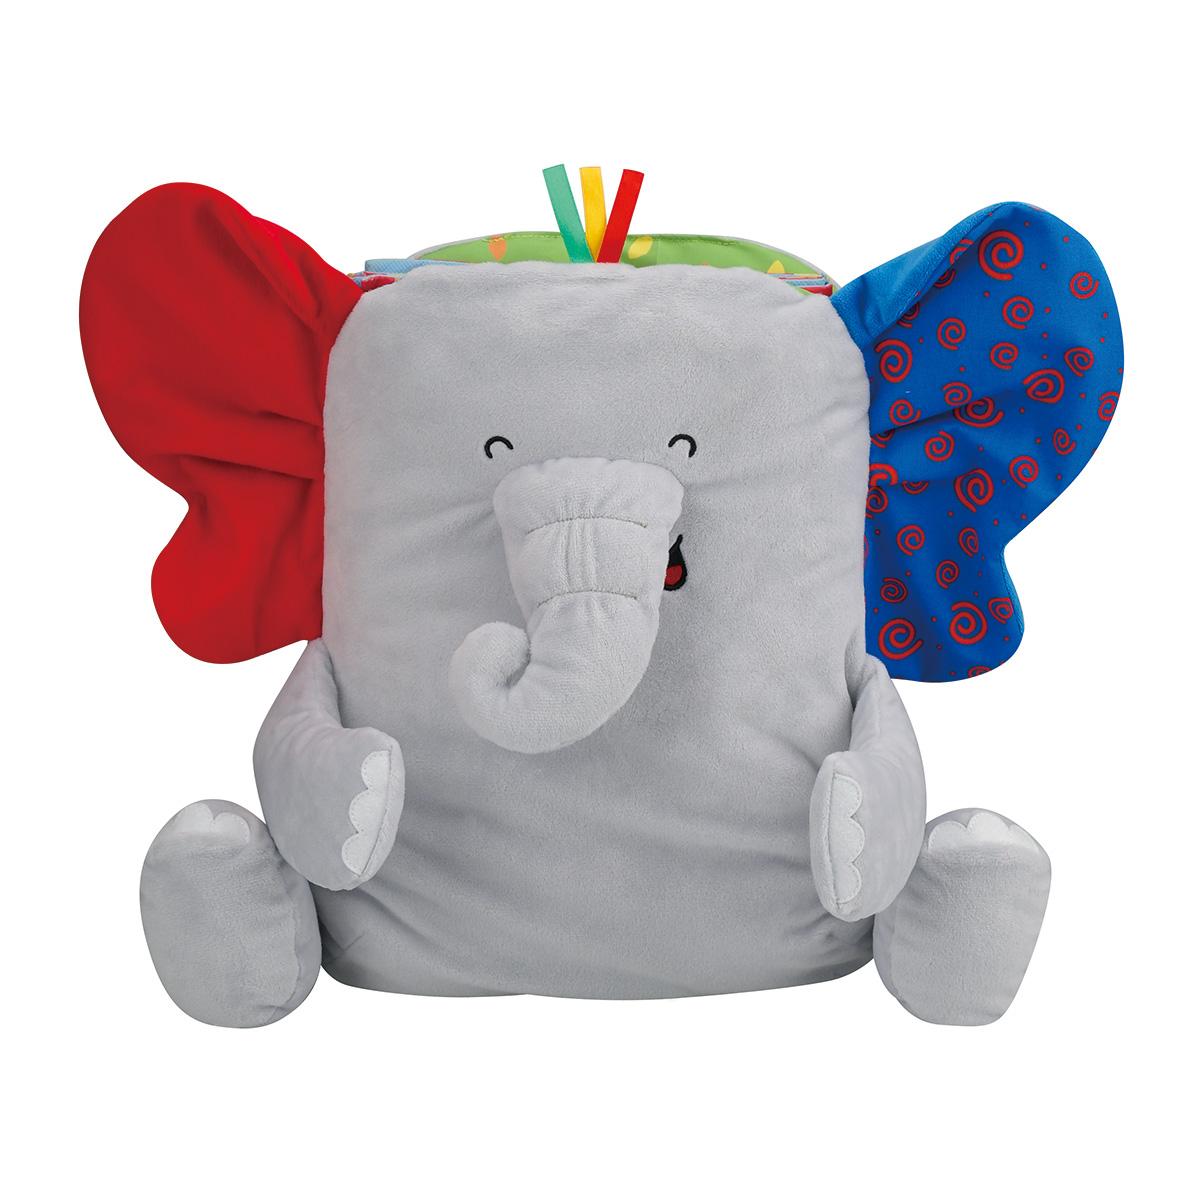 Развивающая игрушка-коврик СлонДетские развивающие коврики для новорожденных<br>Развивающая игрушка-коврик Слон<br>